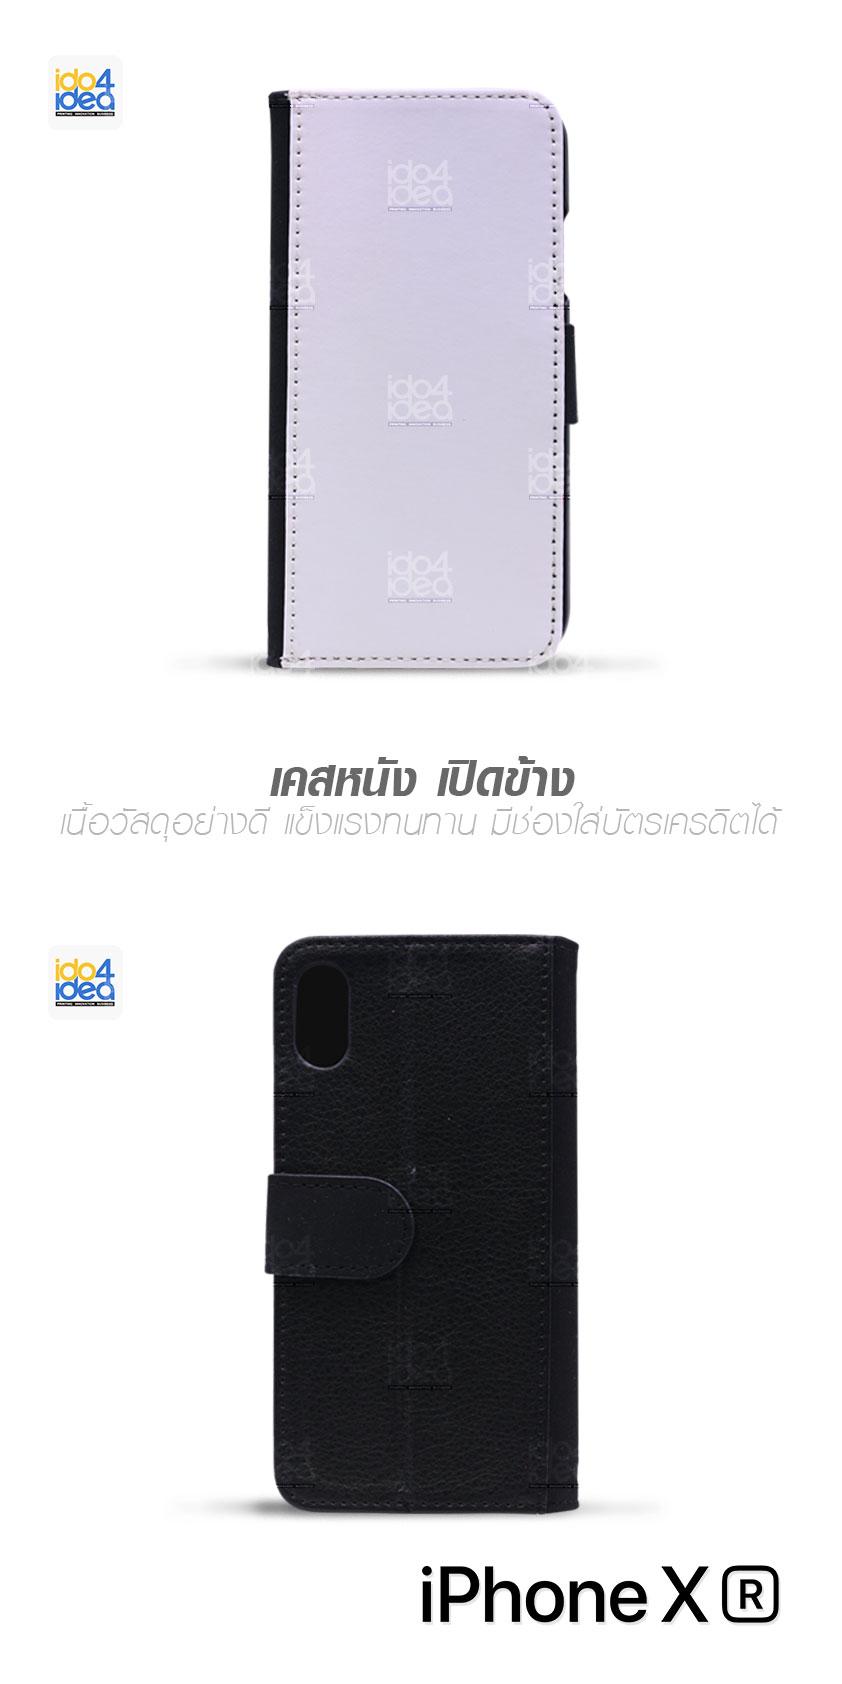 เคสหนัง iPhone XR สีดำ เปิดข้าง มีช่องใส่บัตรเครดิตได้